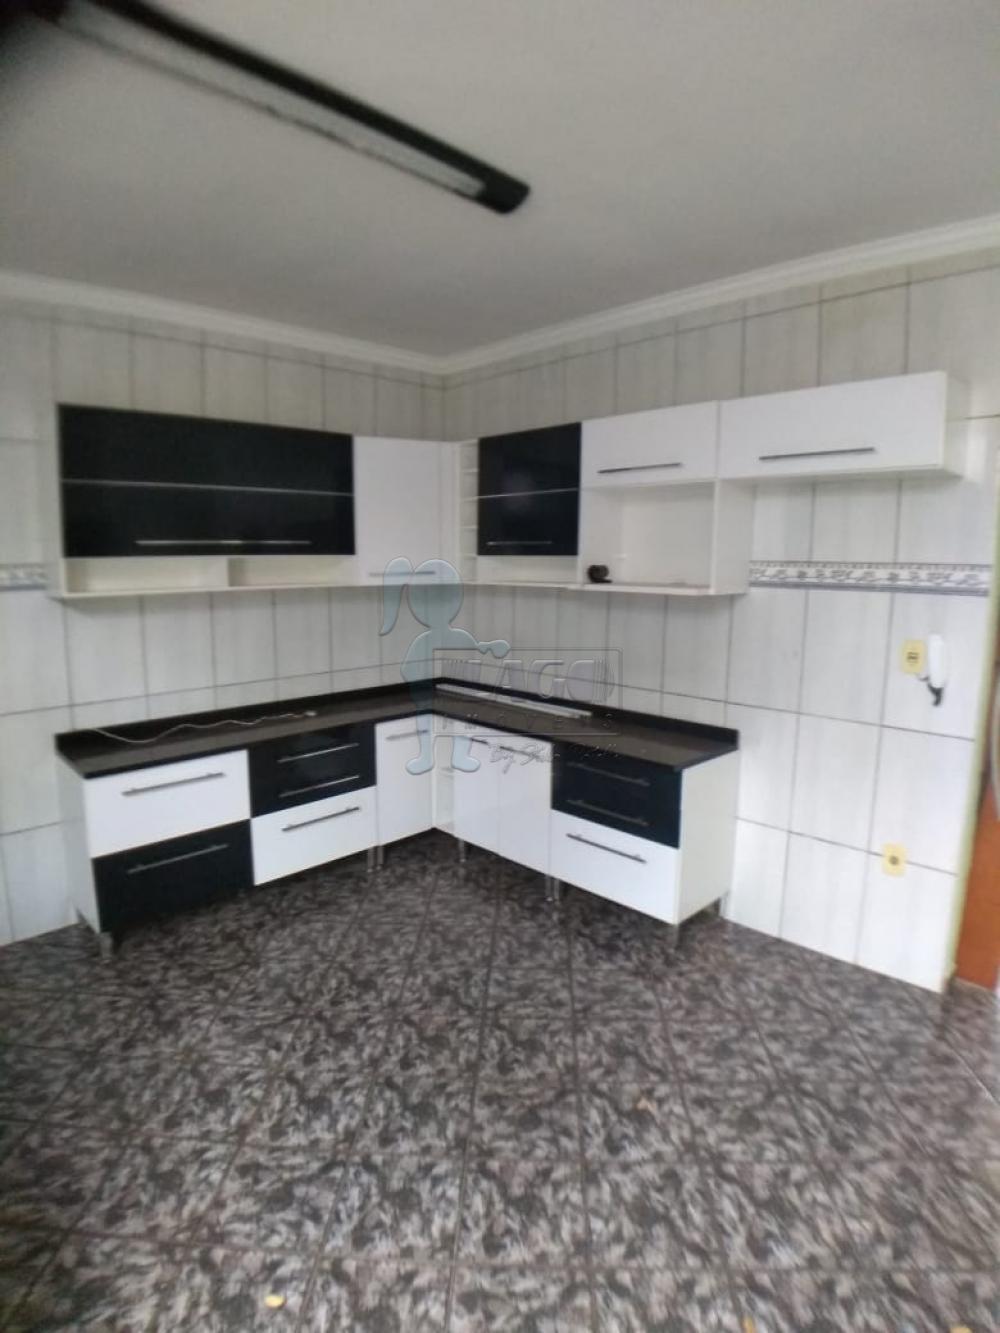 Alugar Casas / Padrão em Ribeirão Preto apenas R$ 950,00 - Foto 6